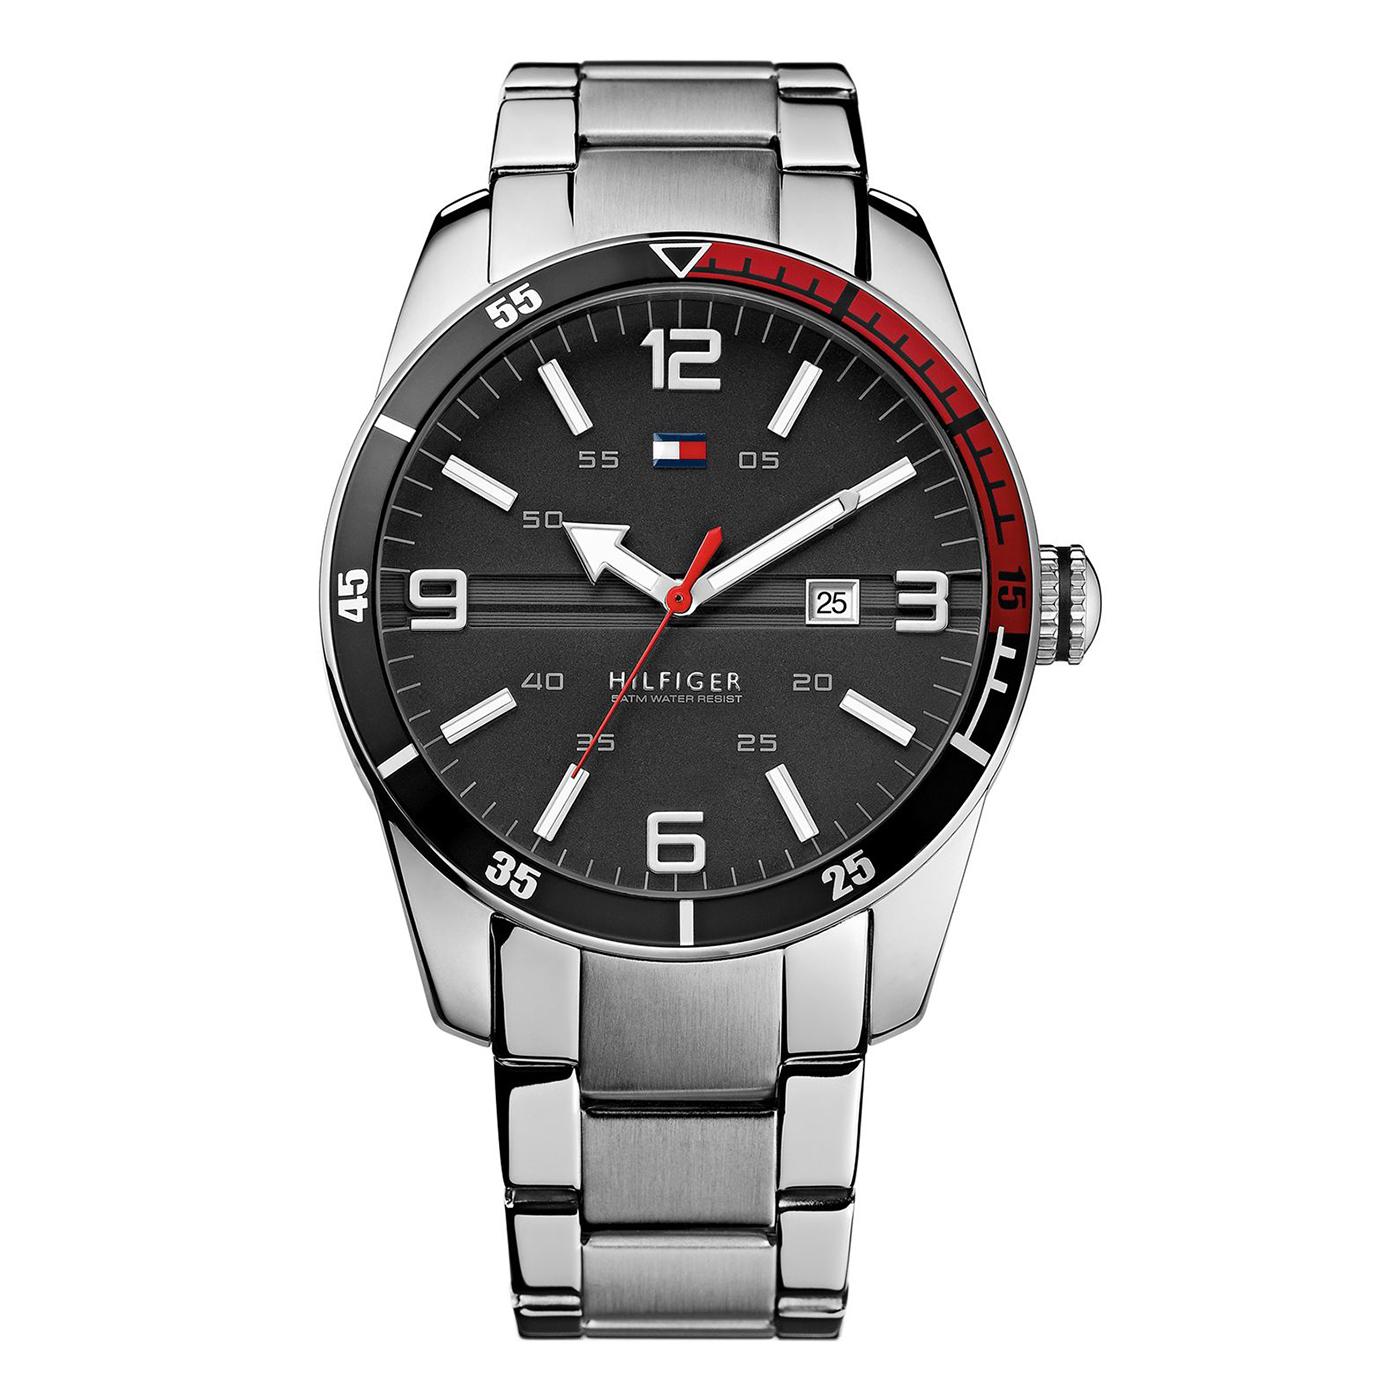 美國百分百【全新真品】Tommy Hilfiger 手錶 TH 配件 不_鋼 金屬錶帶 石英 日期 計時 銀色 G106